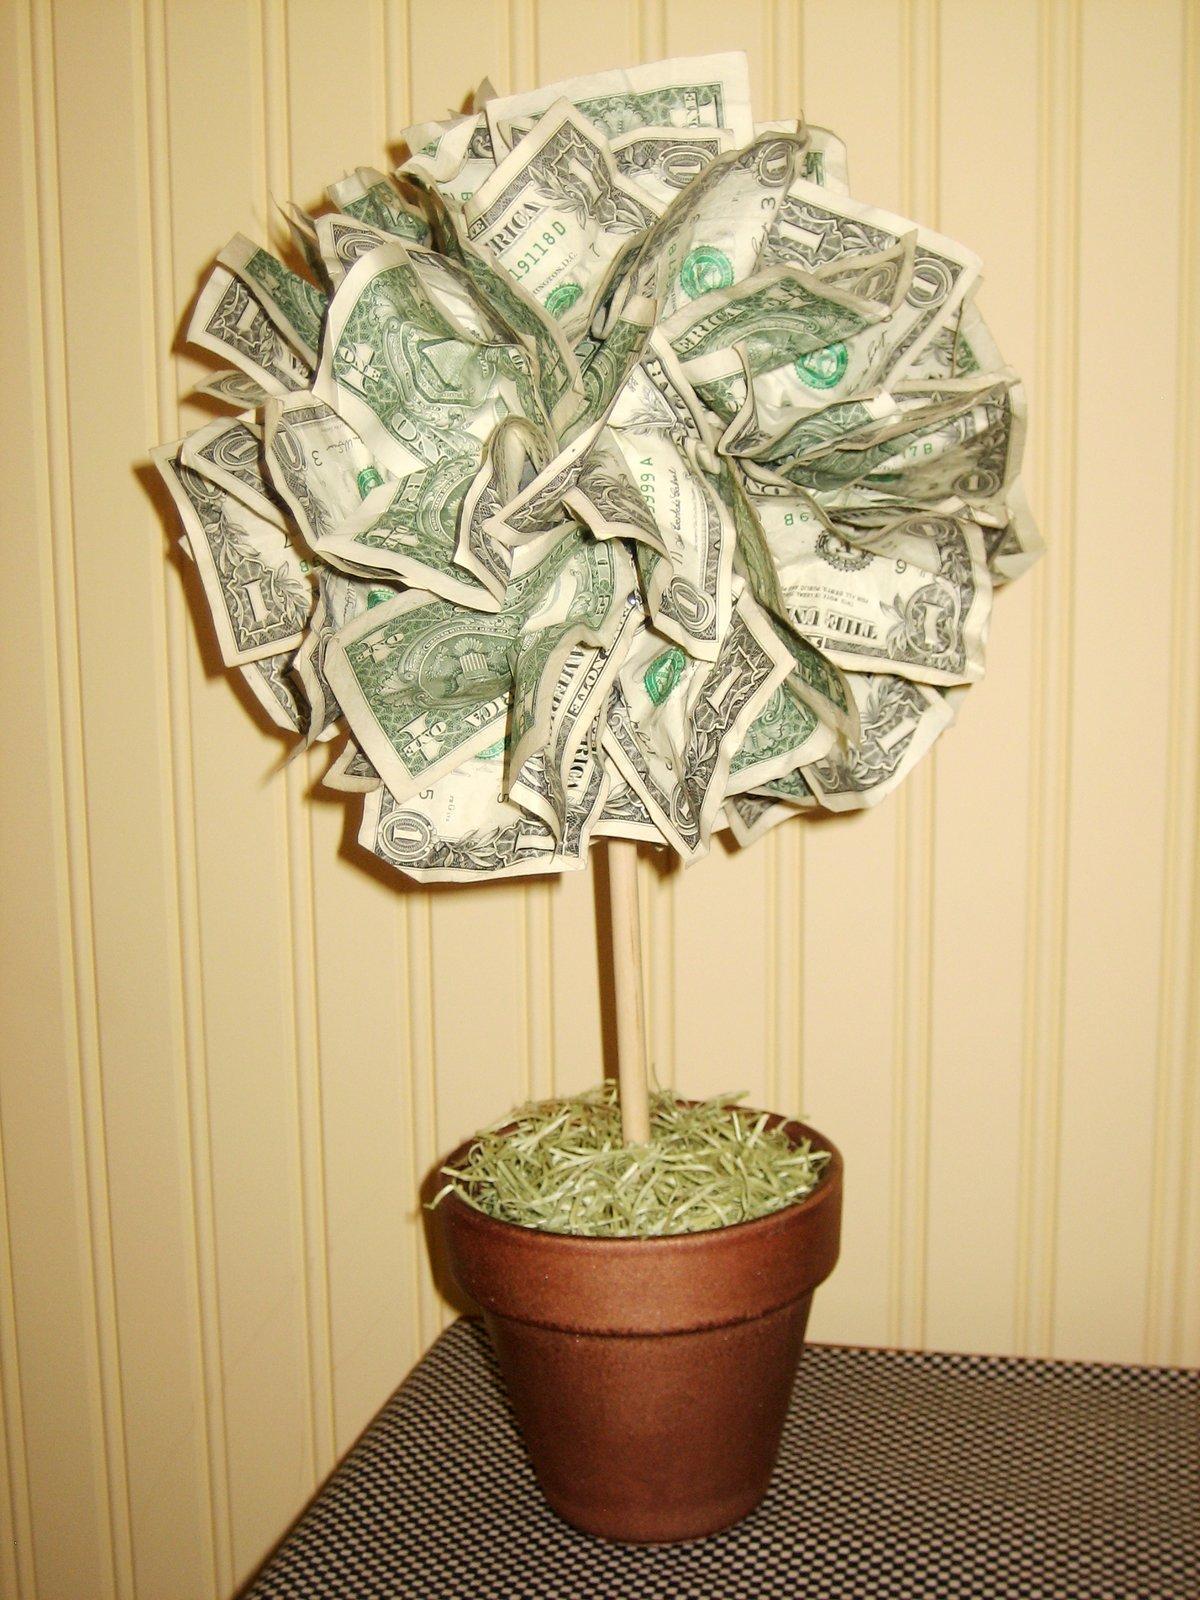 Как оформить подарок деньгами? Варианты оформления 49